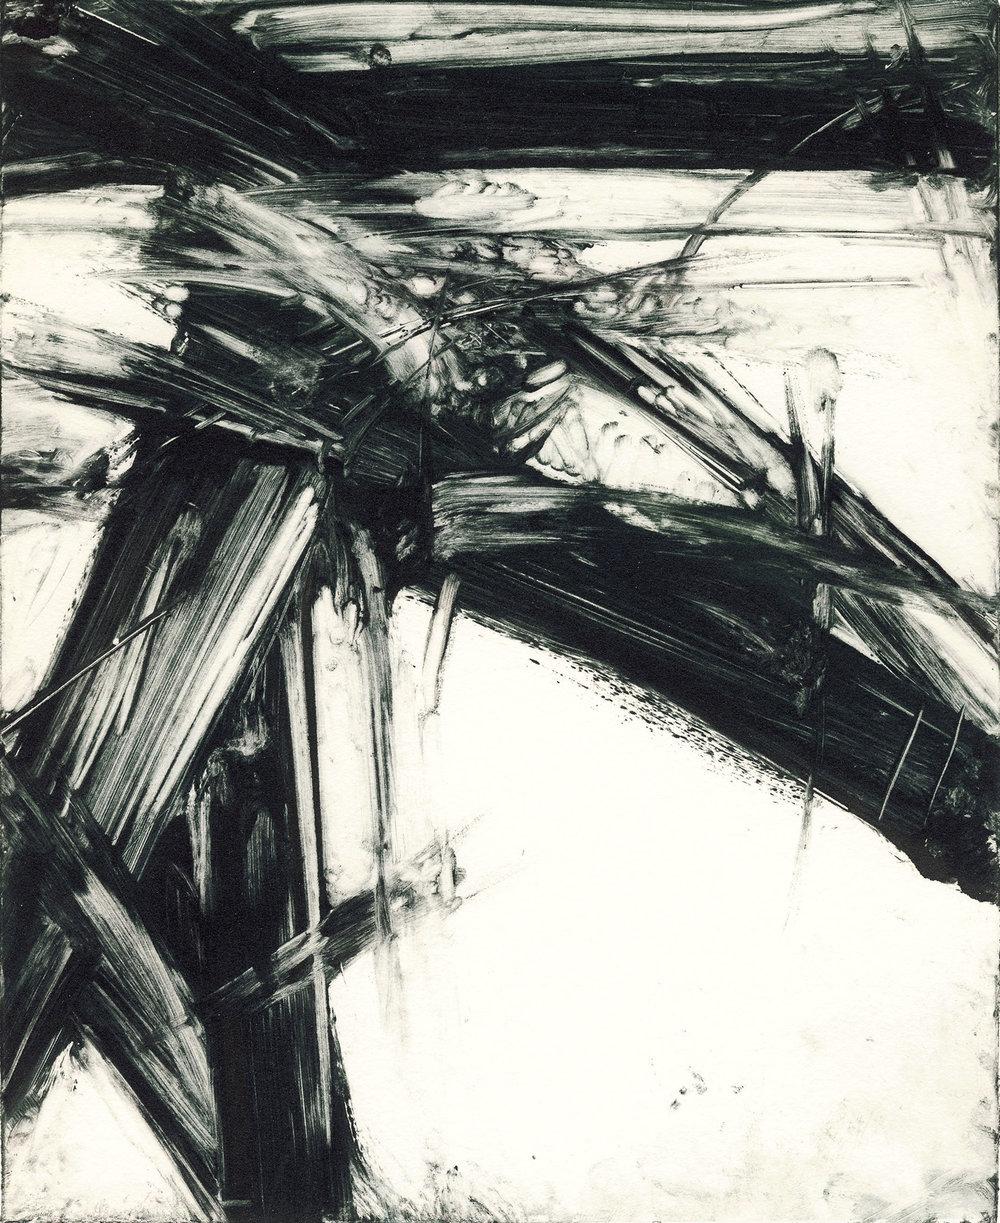 Shao-Yuan Zhang,  Plate 9820 , monoprint, 7x9